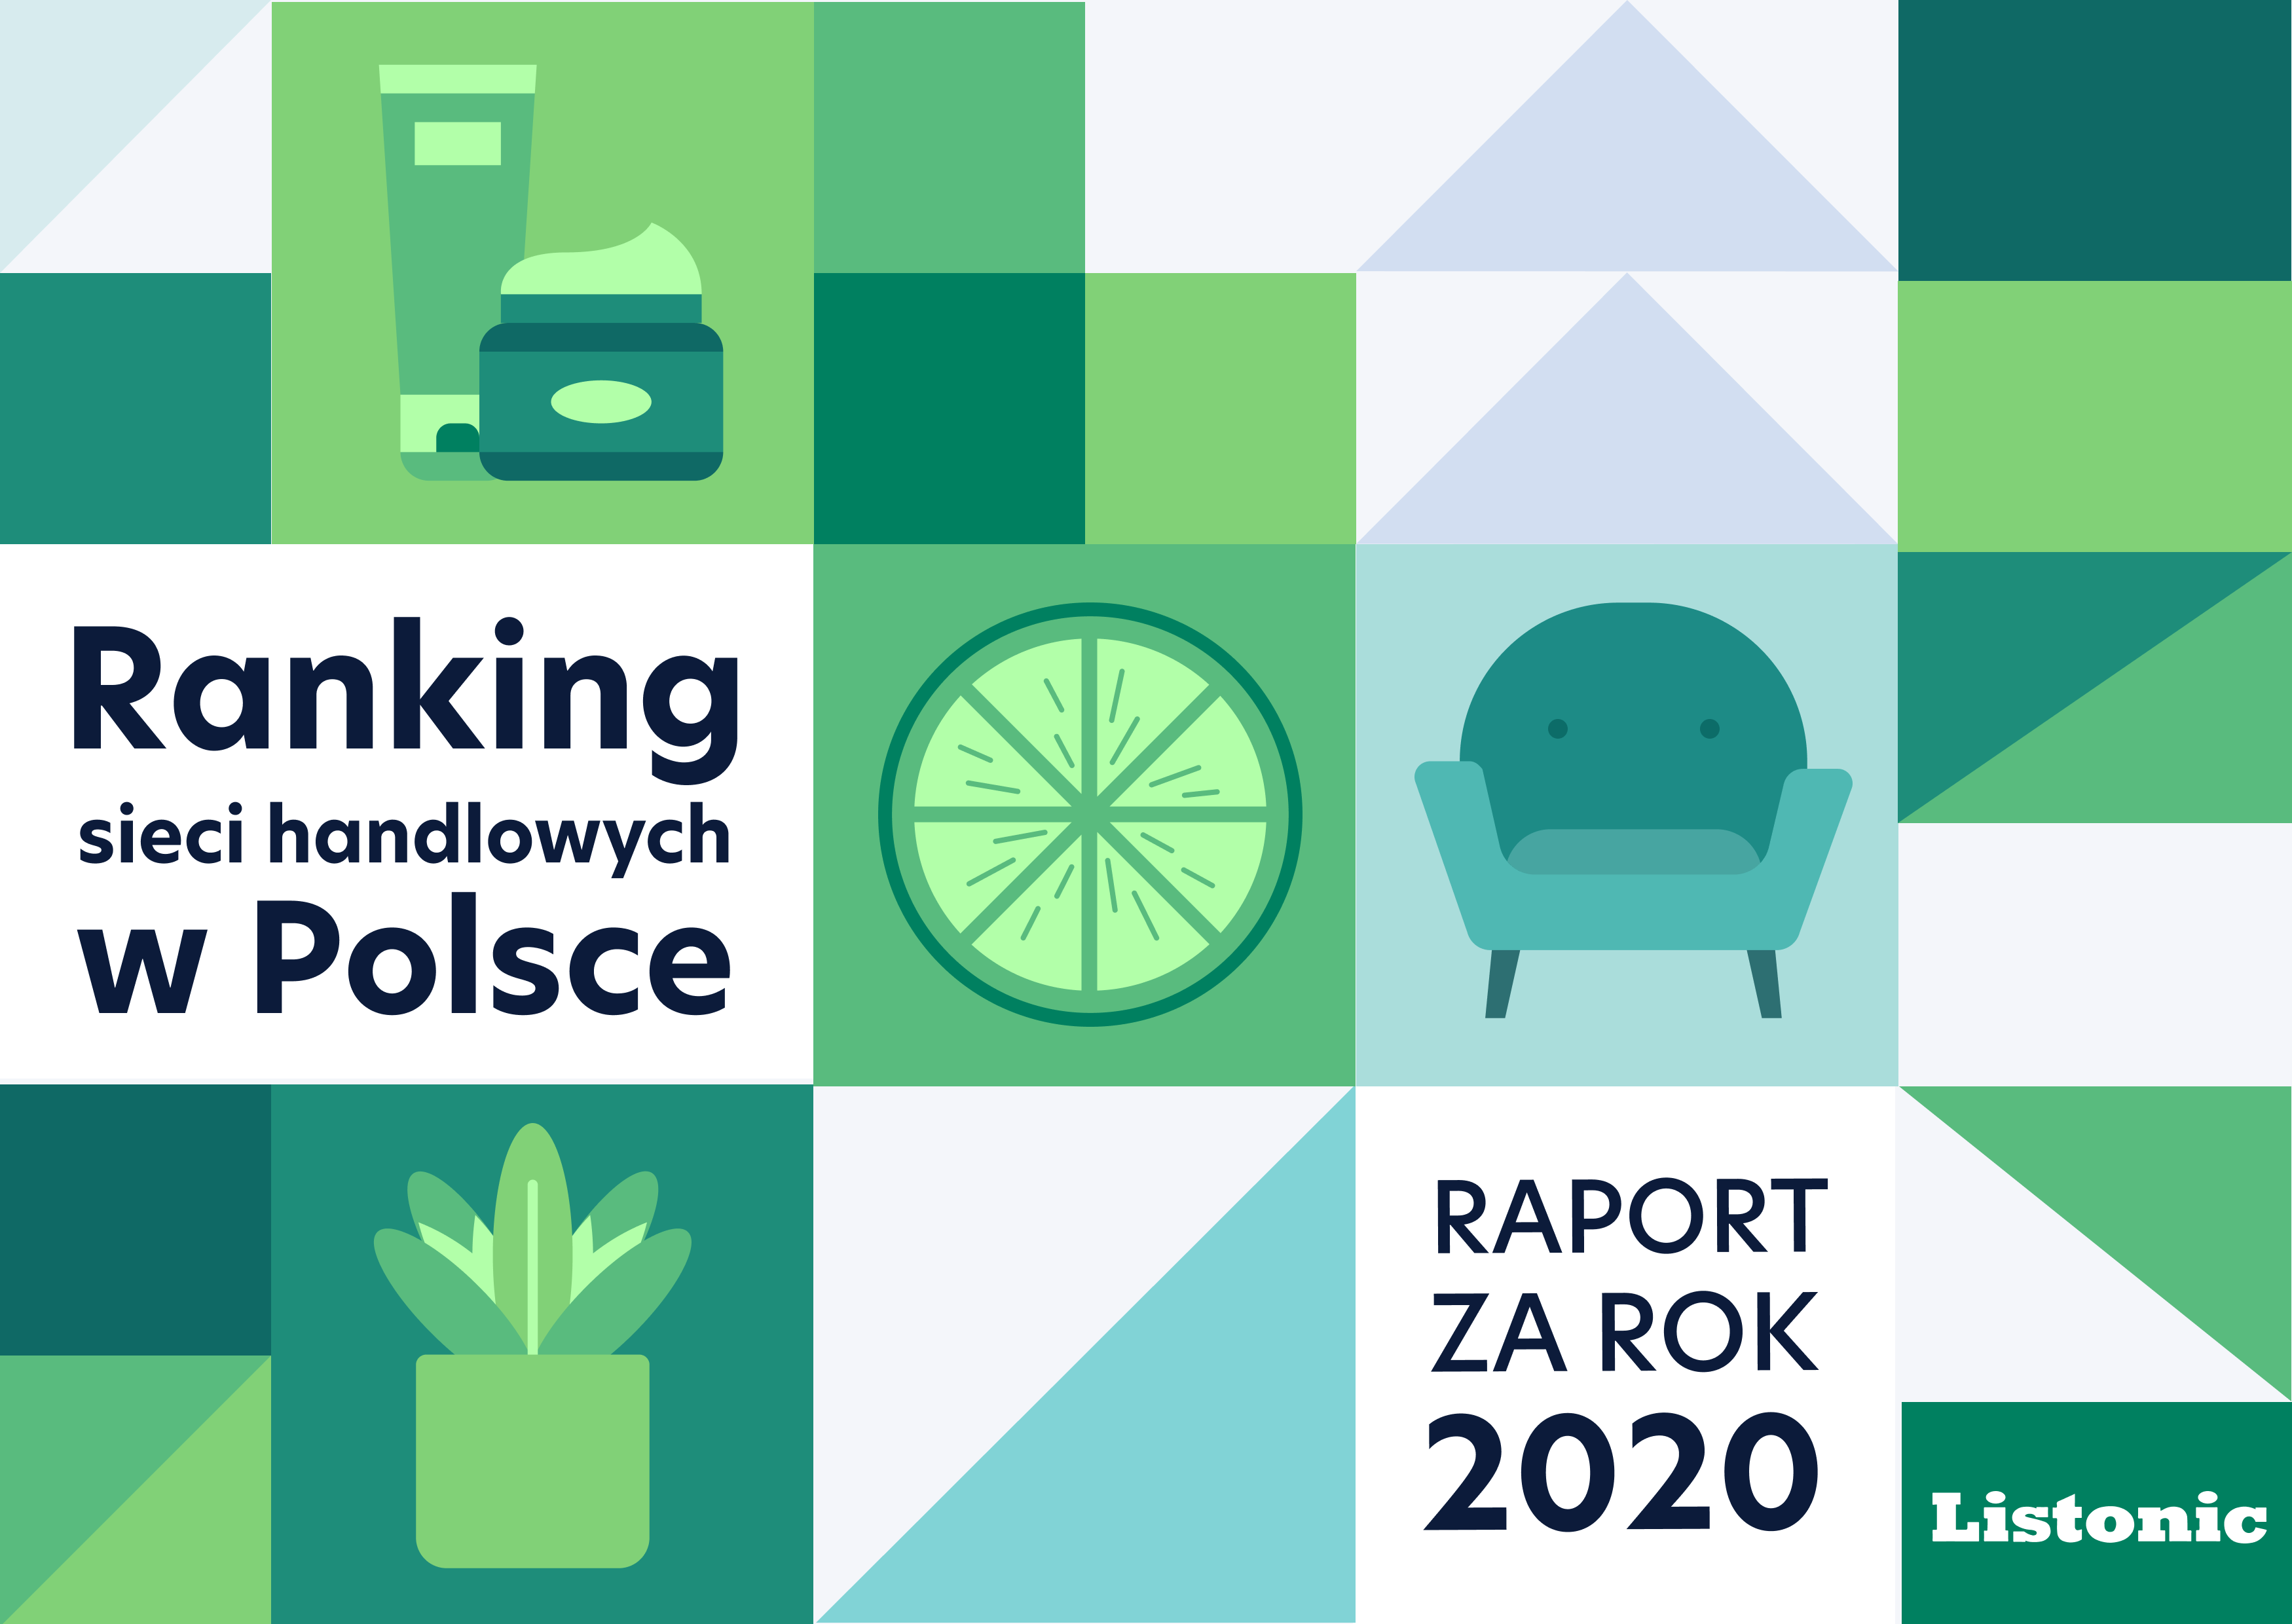 Ranking sieci handlowych Listonic - które marki Polacy wybierali najczęściej w 2020 roku? - Poilish Magazine